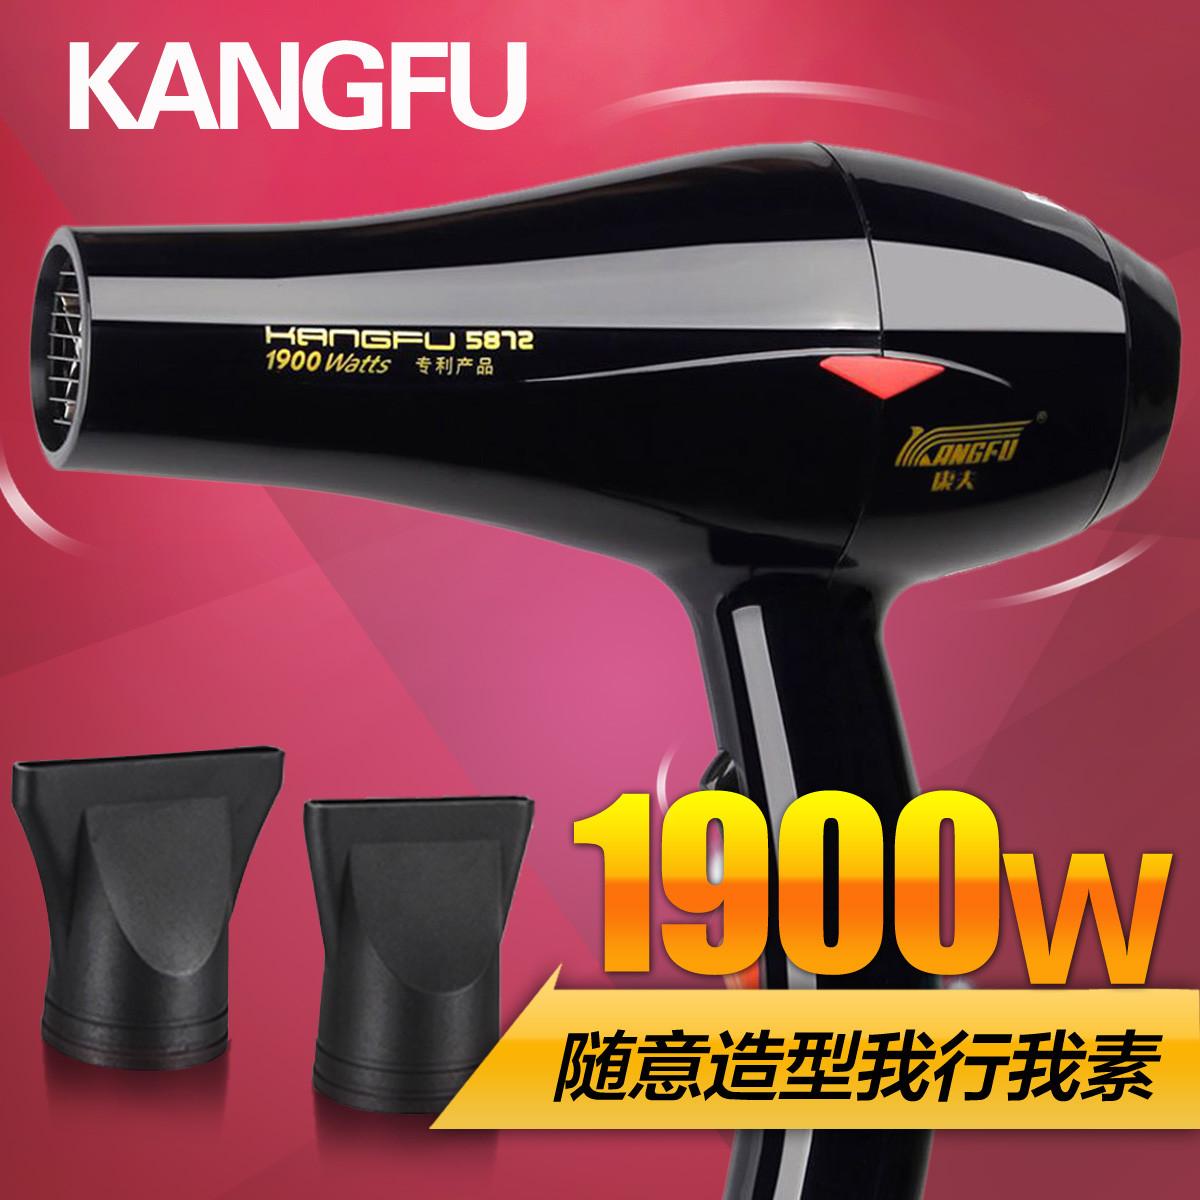 康夫kf-5872 电吹风